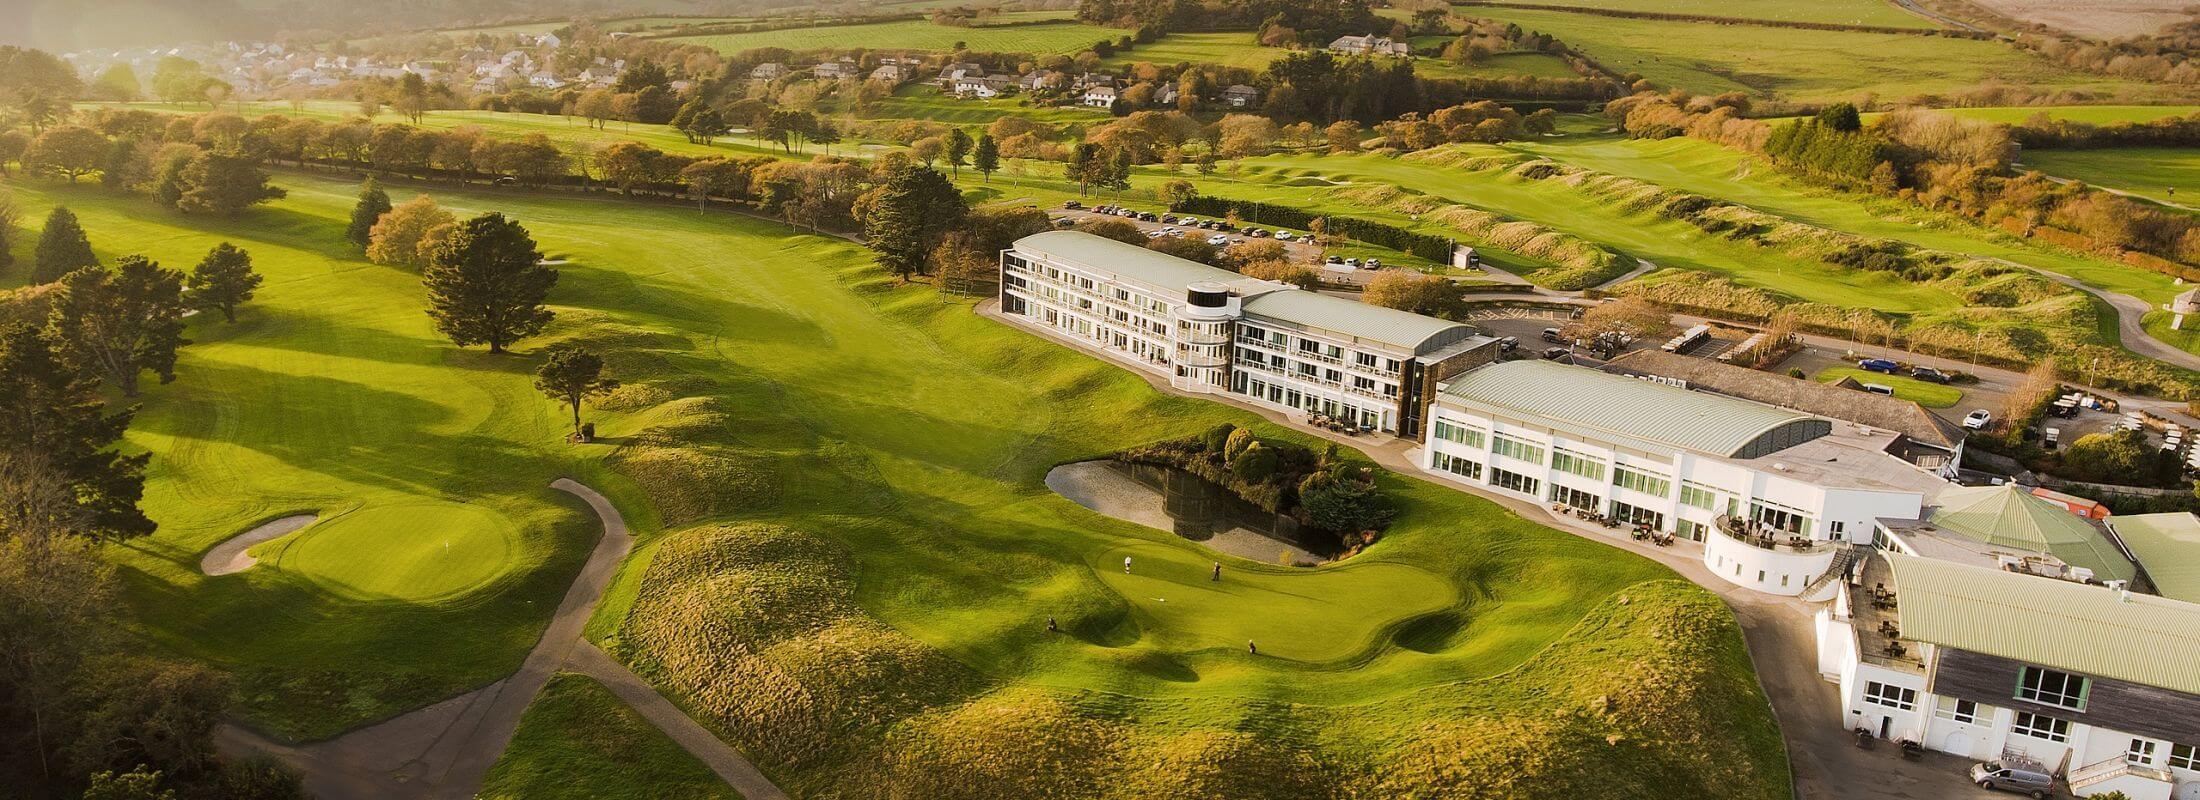 Golf breaks in the UK & Ireland